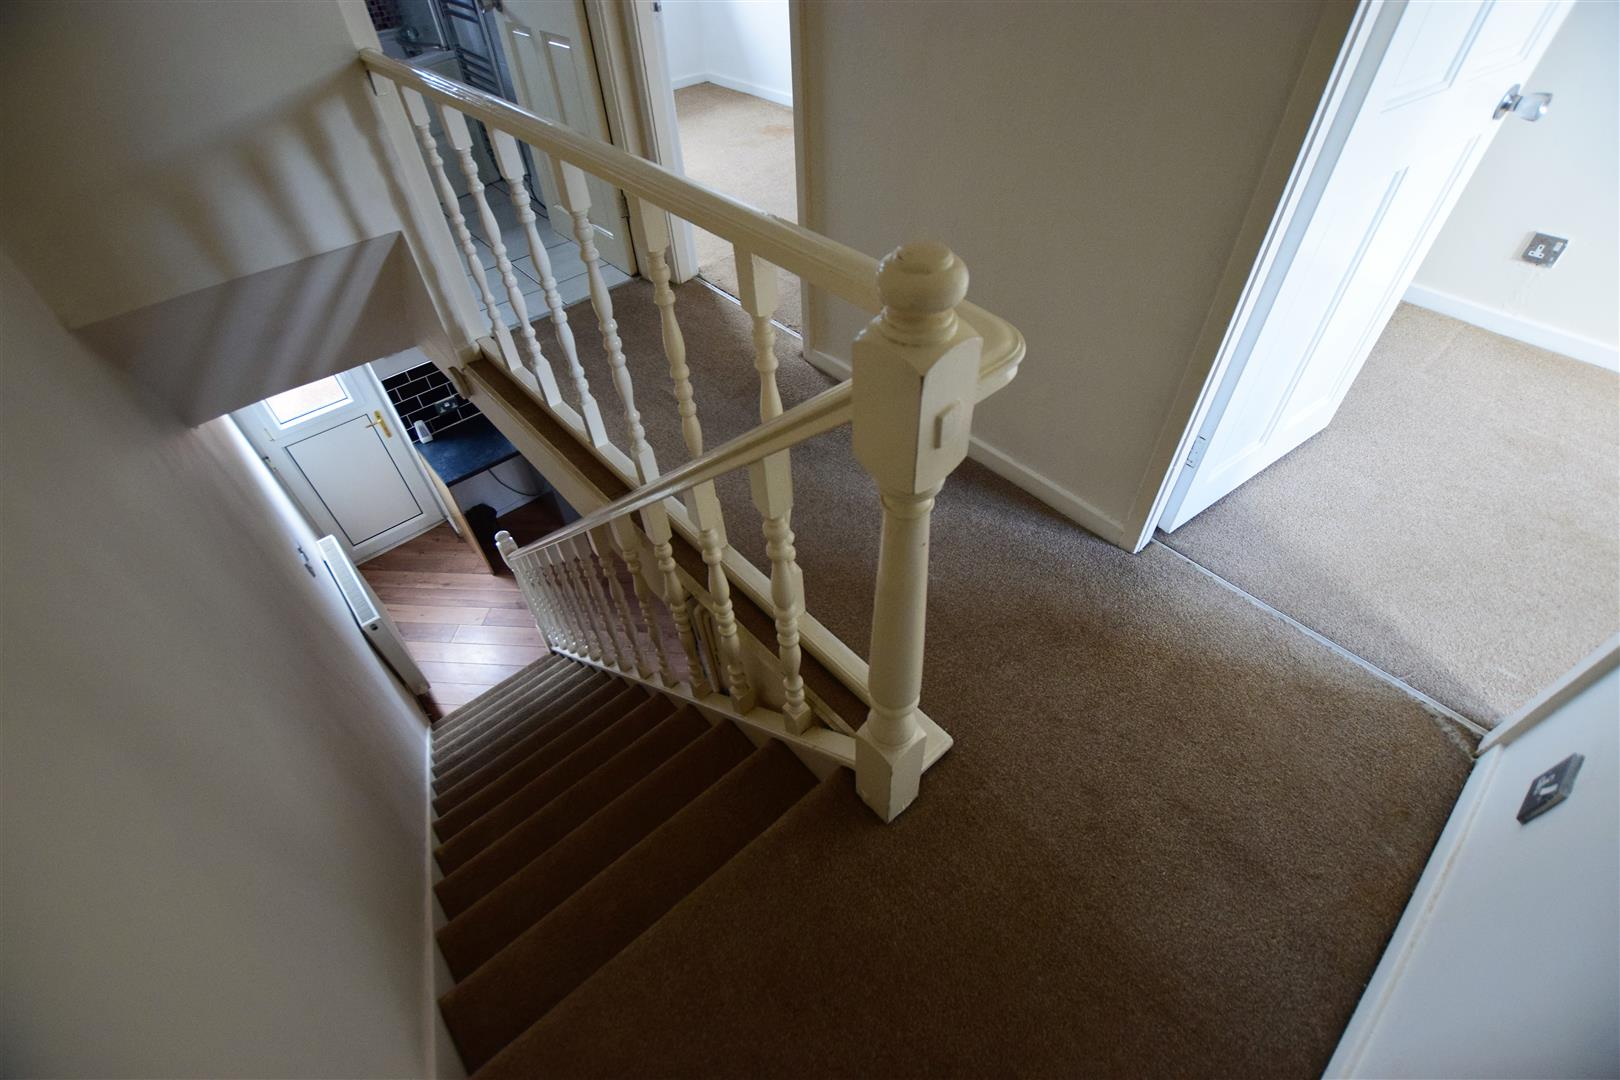 Stairs / Landing